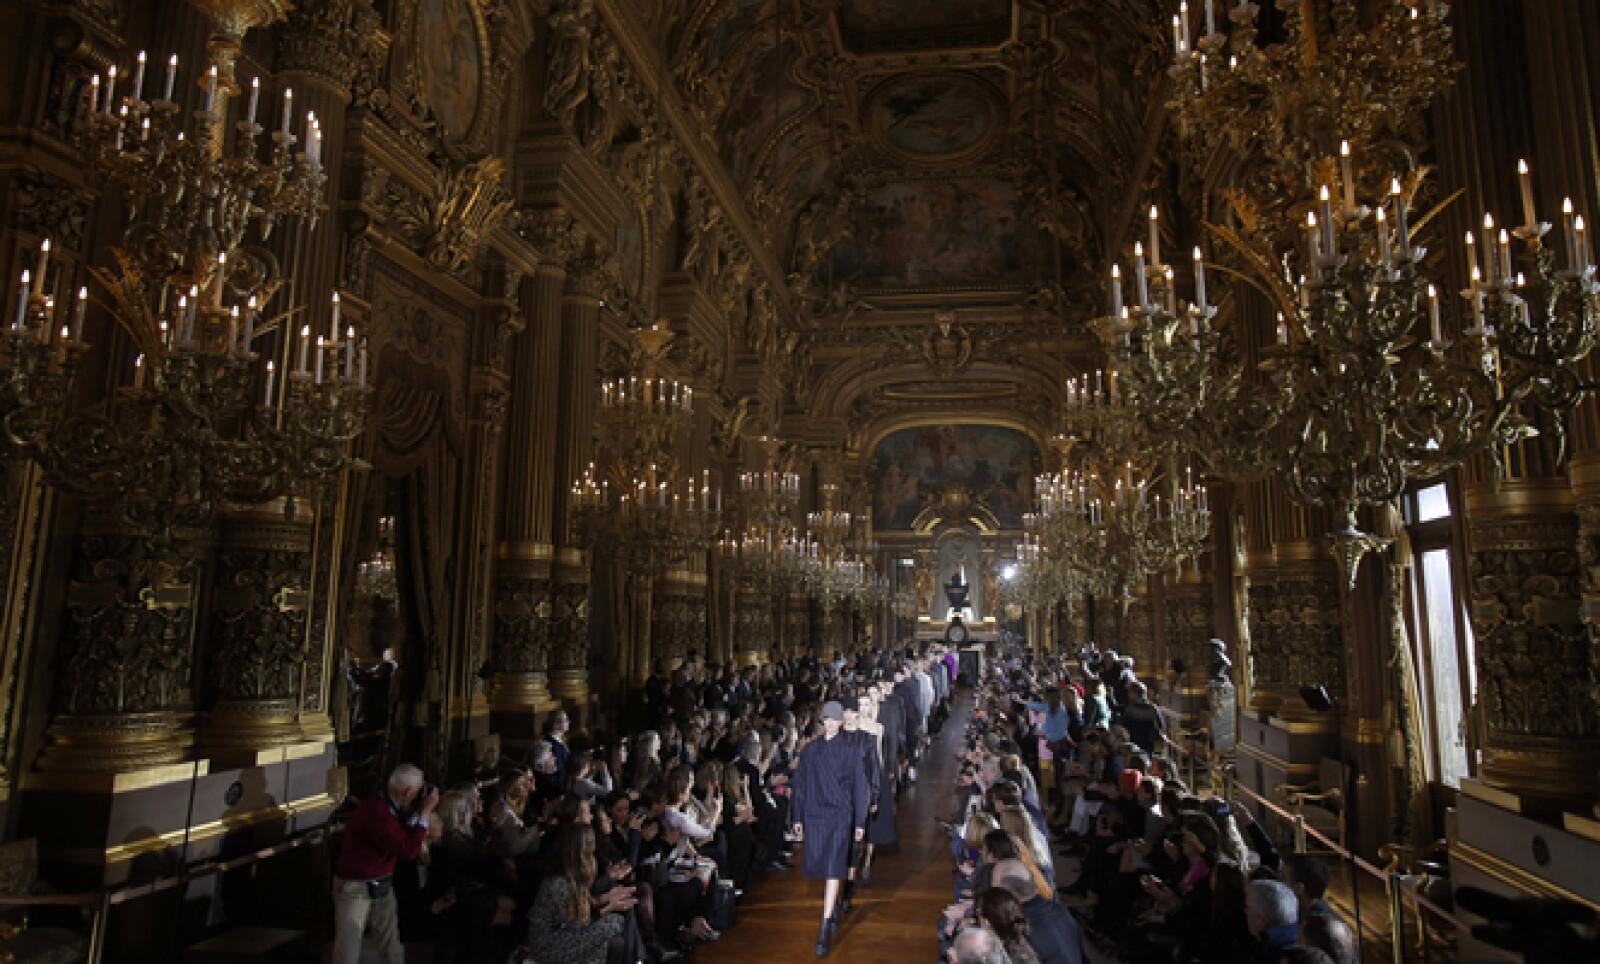 - La diseñadora británica presentó su colección de otoño-invierno en la Opera Garnier de París.